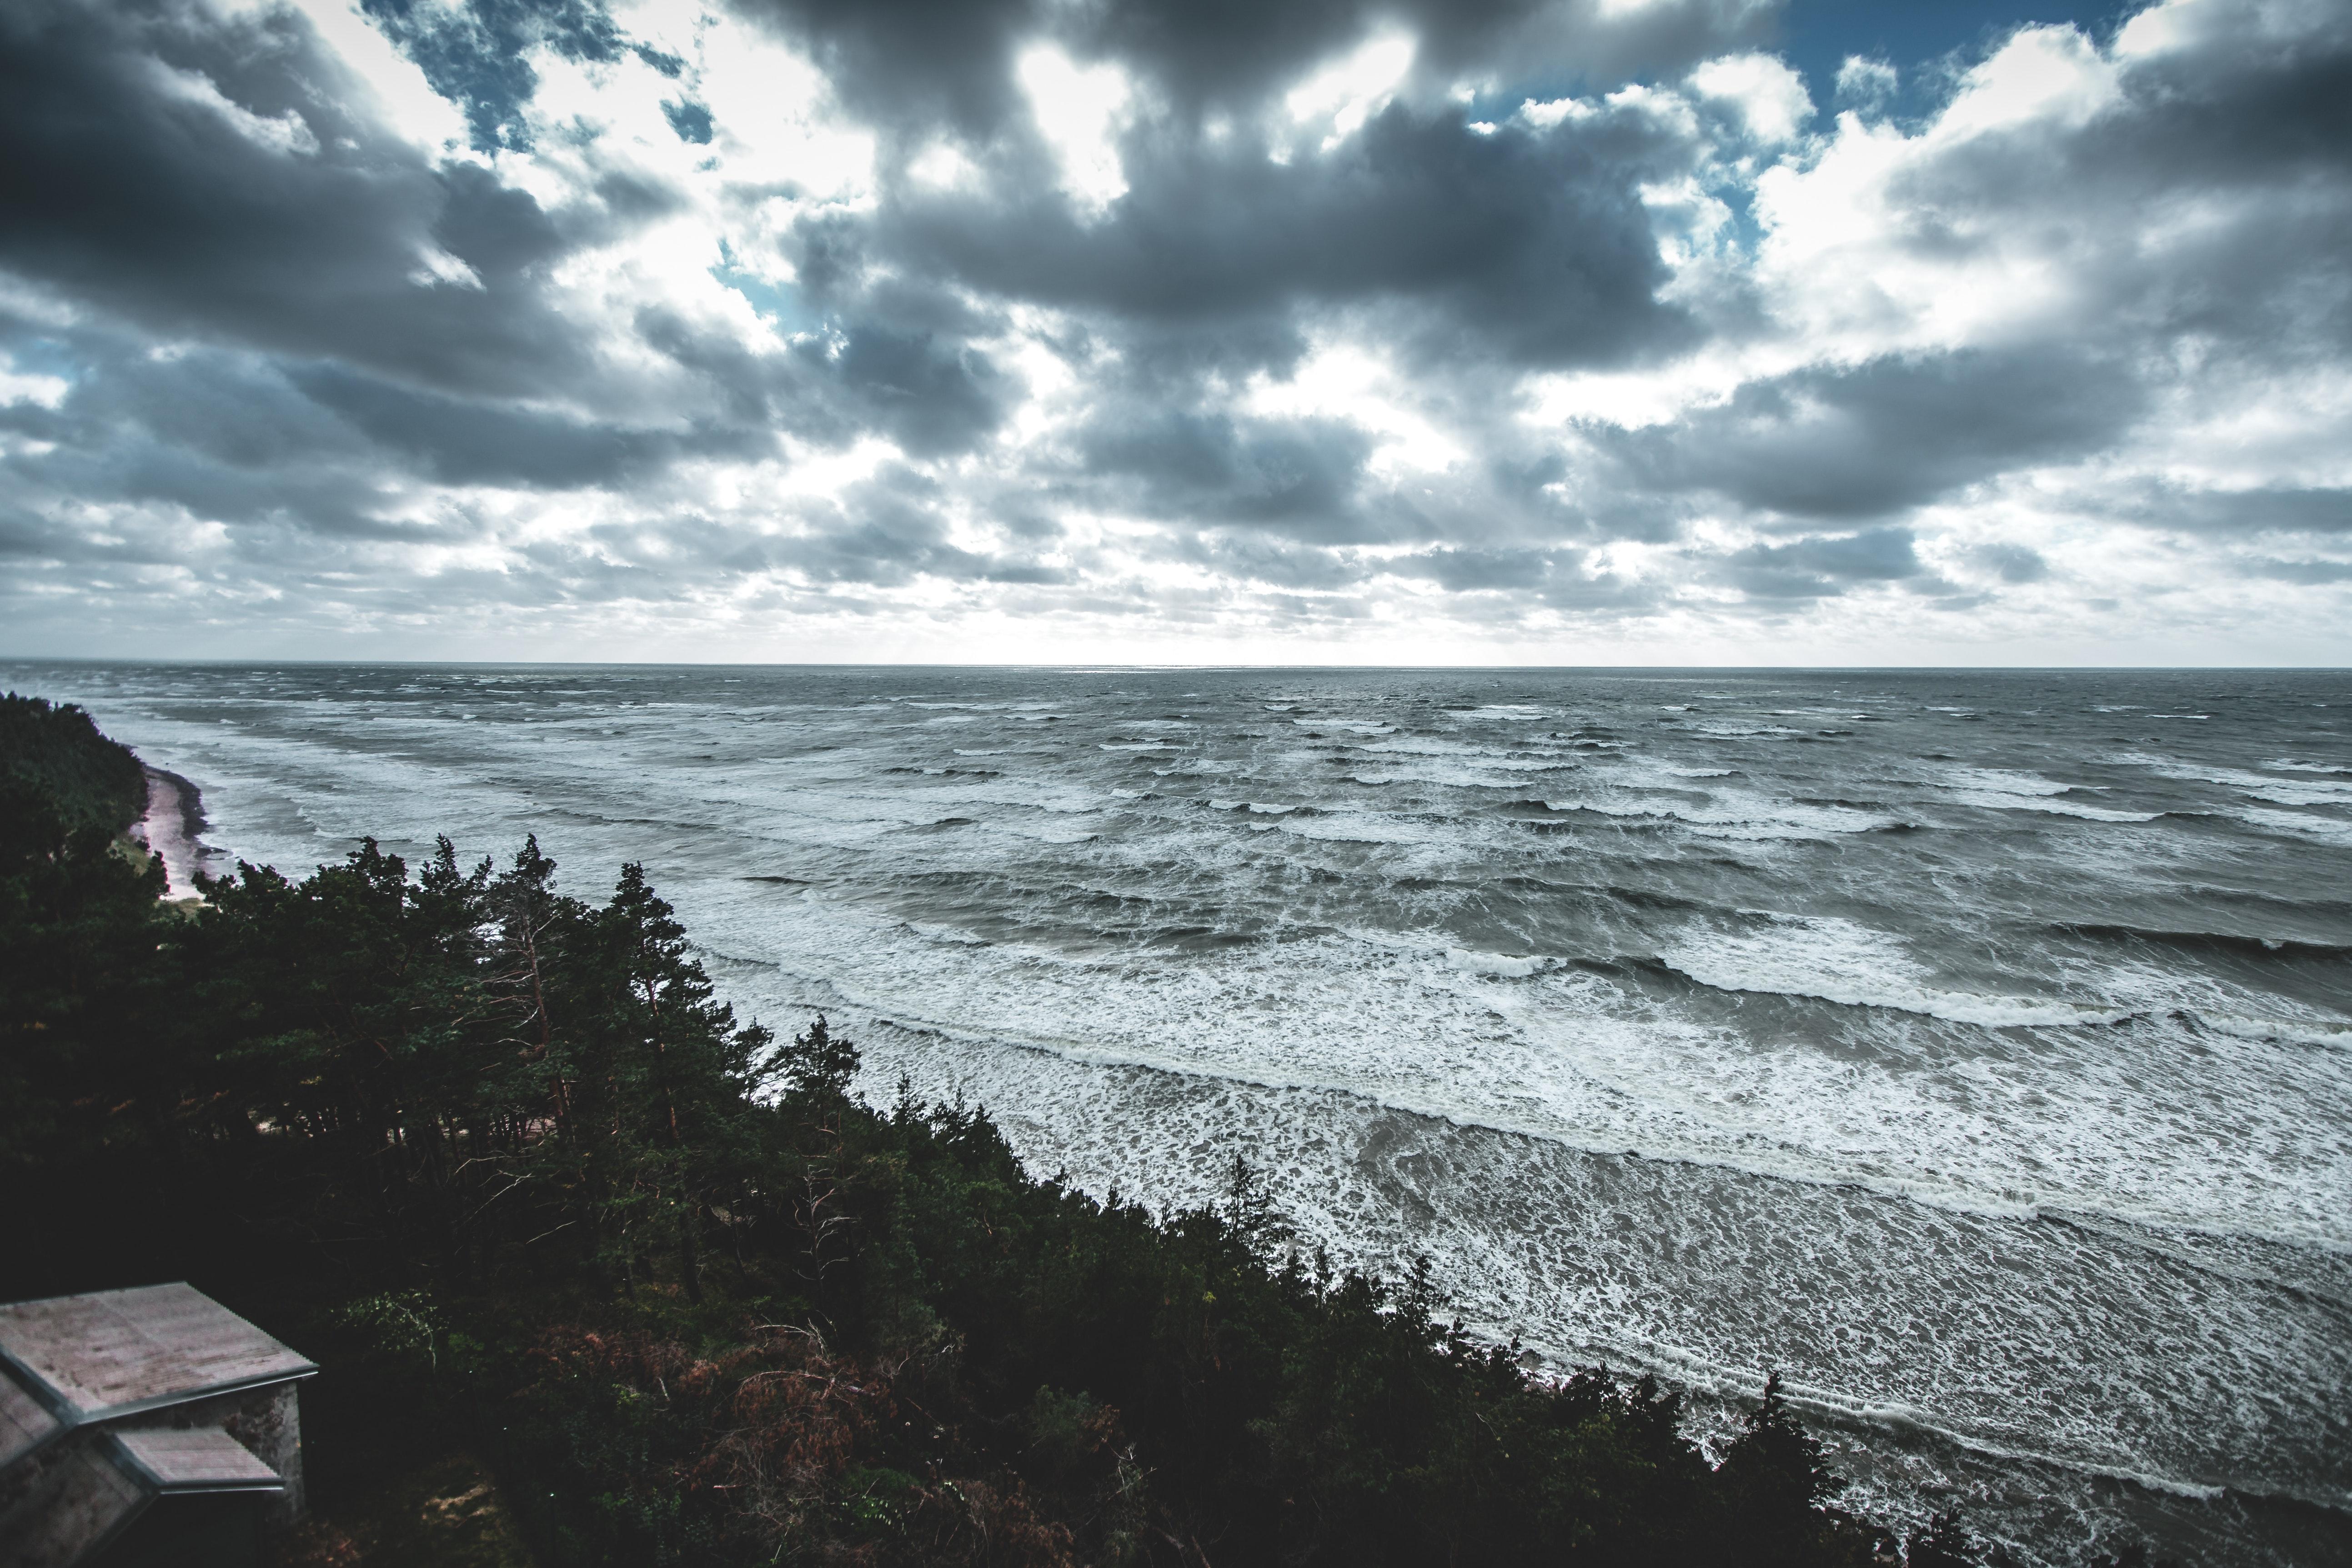 это пасмурное море фото думают